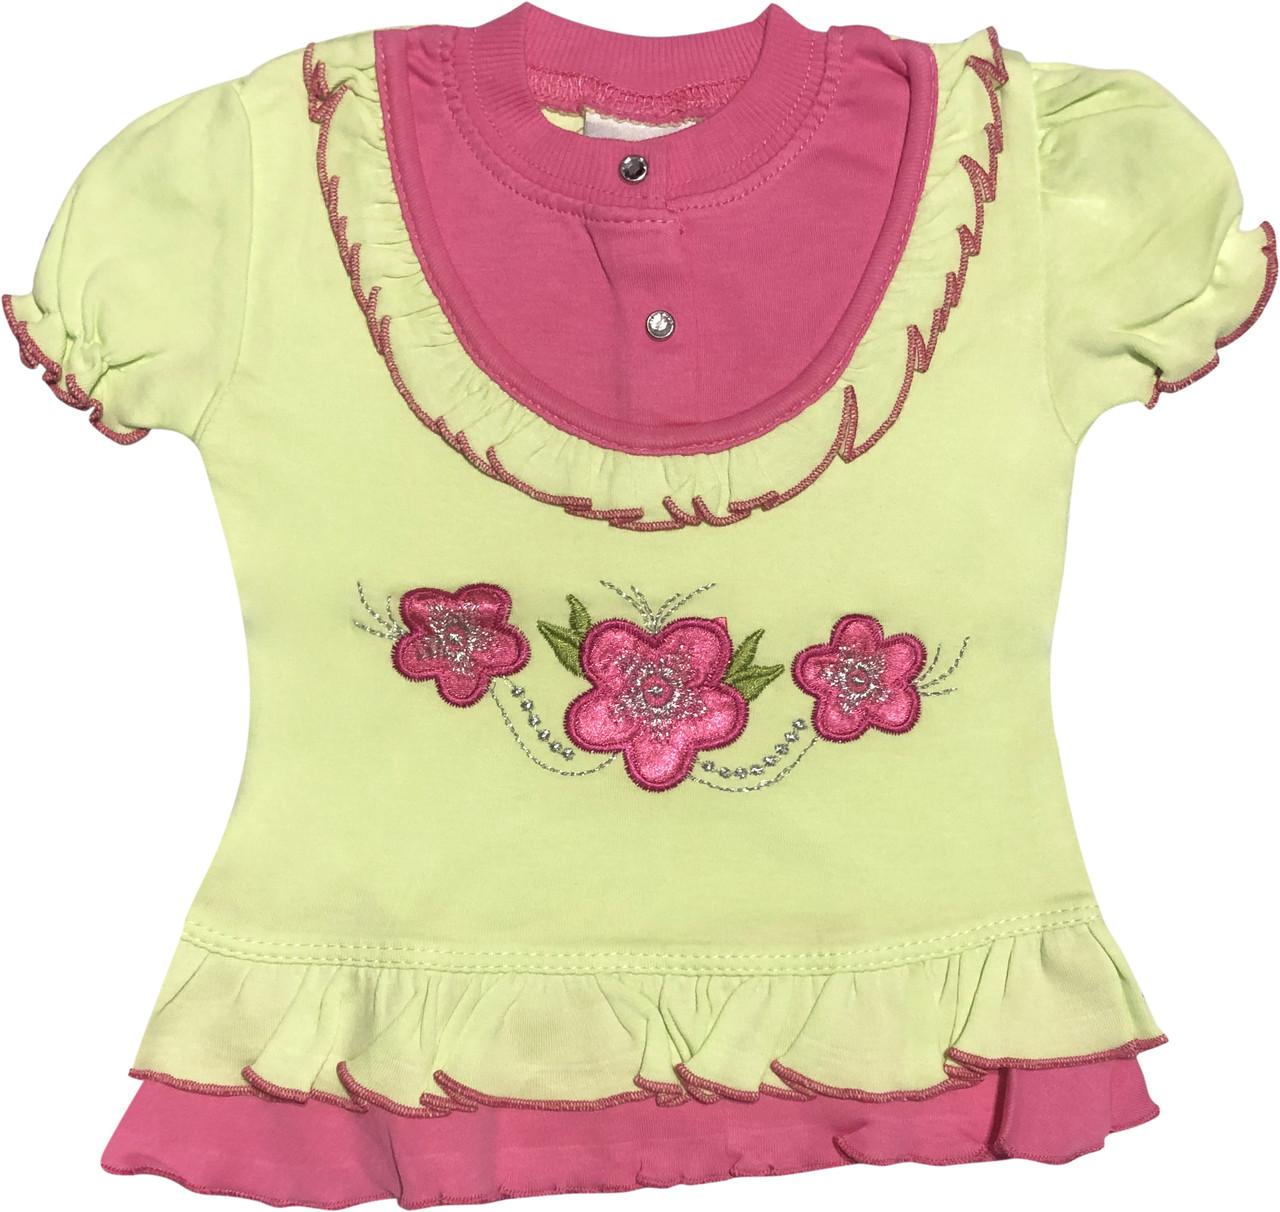 Дитяча футболка на дівчинку ріст 80 9-12 міс для новонароджених малюків красива ошатна трикотажна салатова